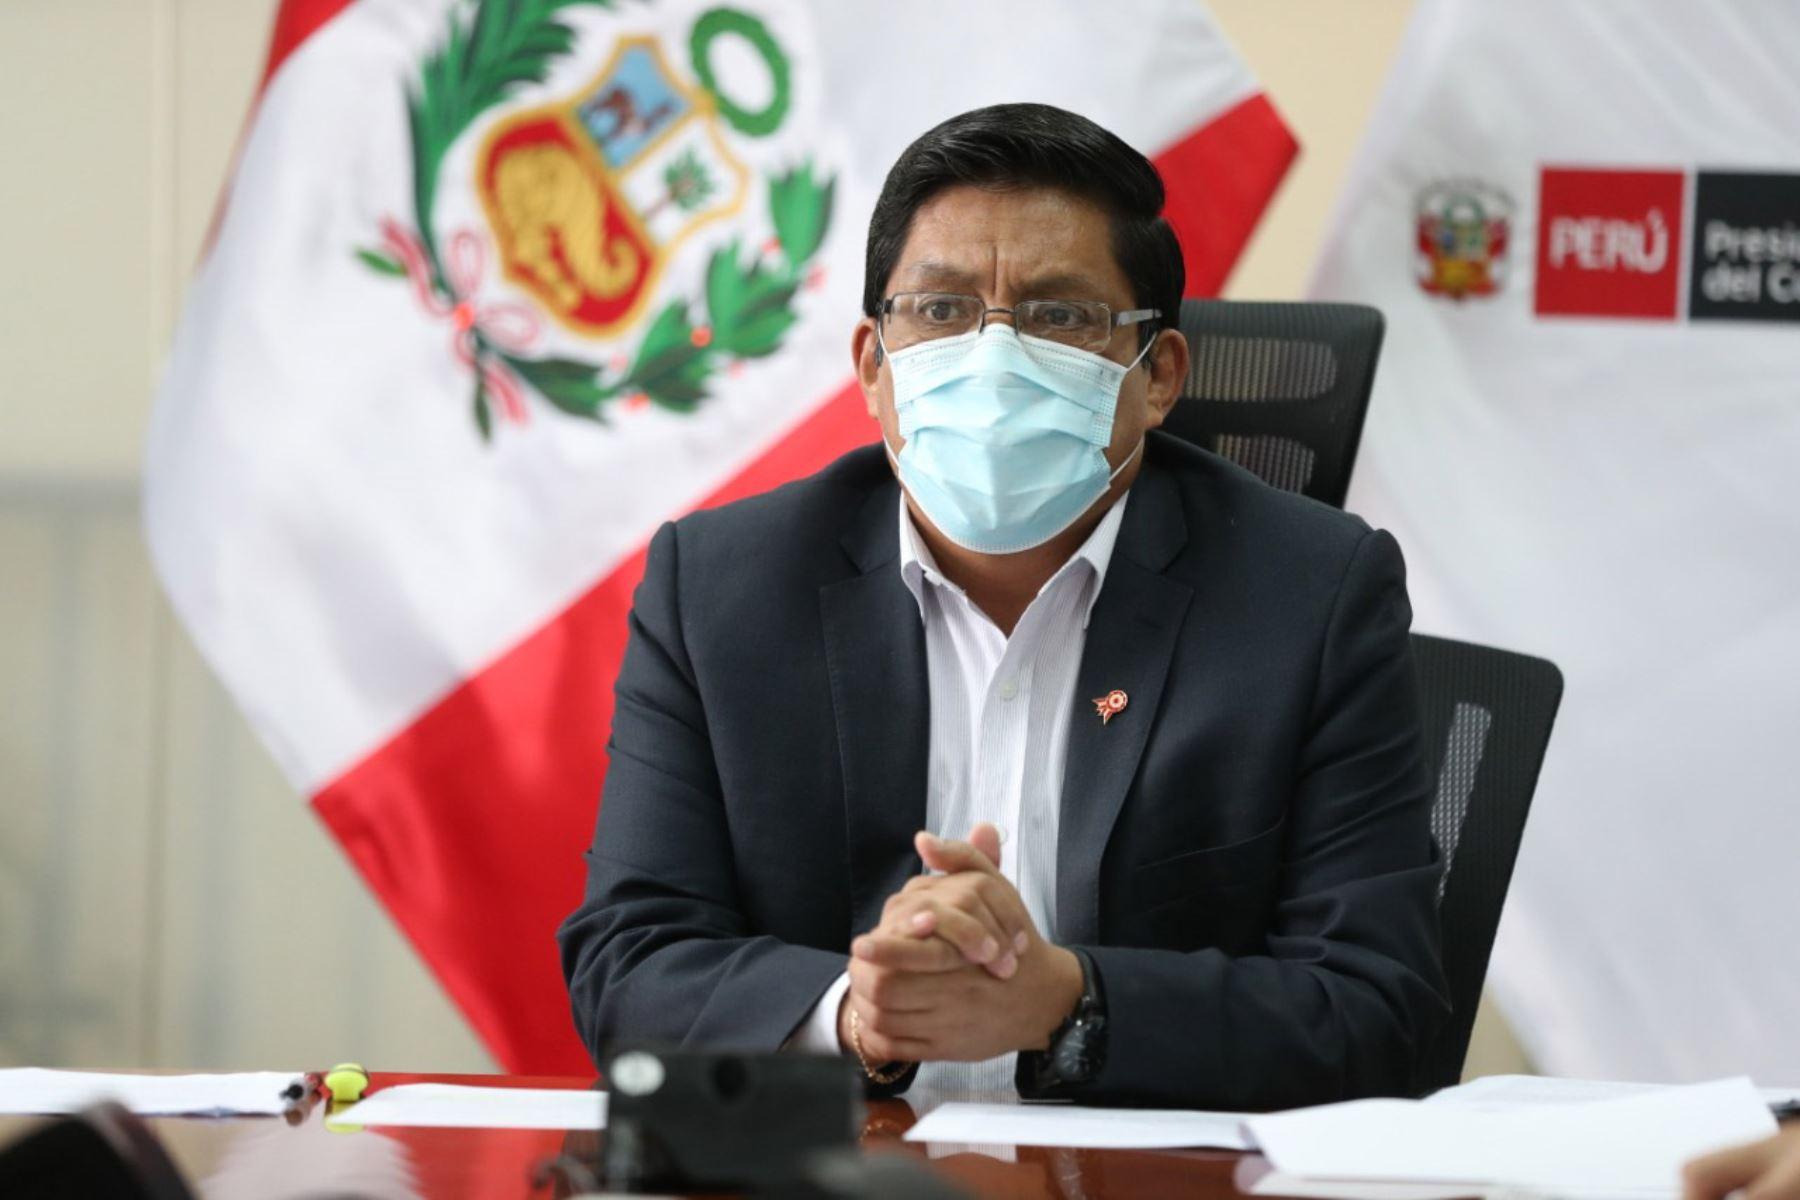 El presidente del Consejo de Ministros, Vicente Zeballos lidera la reunión de instalación de la Comisión Multisectorial de coordinación y articulación de acciones para acceder al desarrollo, producción, adquisición, donación y distribución de las vacunas contra el covid -19. Foto: PCM